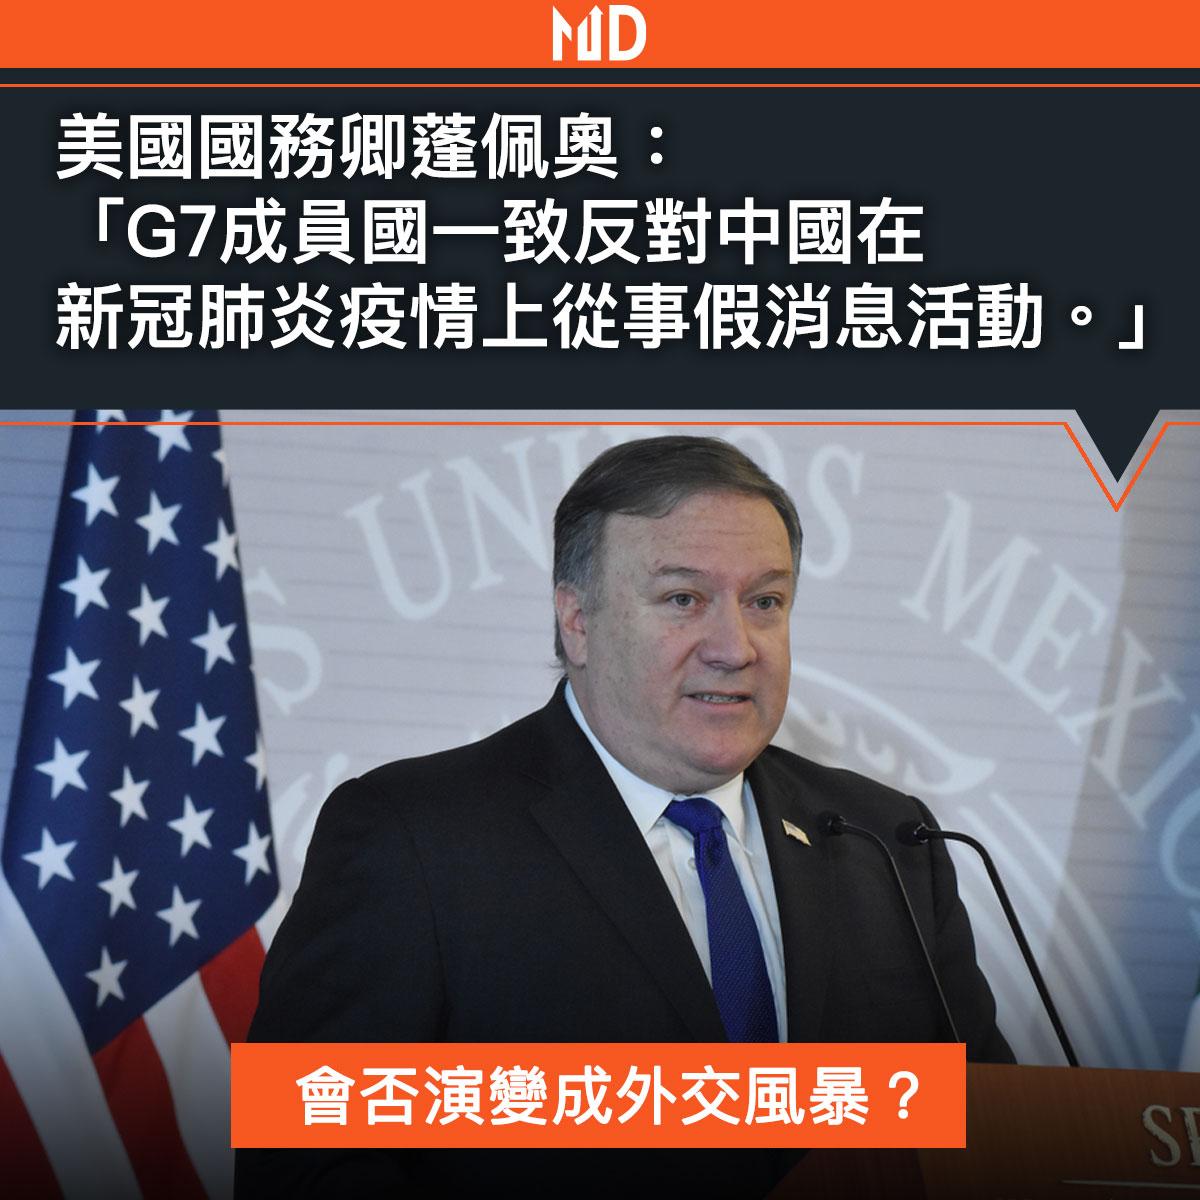 【市場熱話】蓬佩奧指G7成員國一致反對中國散播假消息